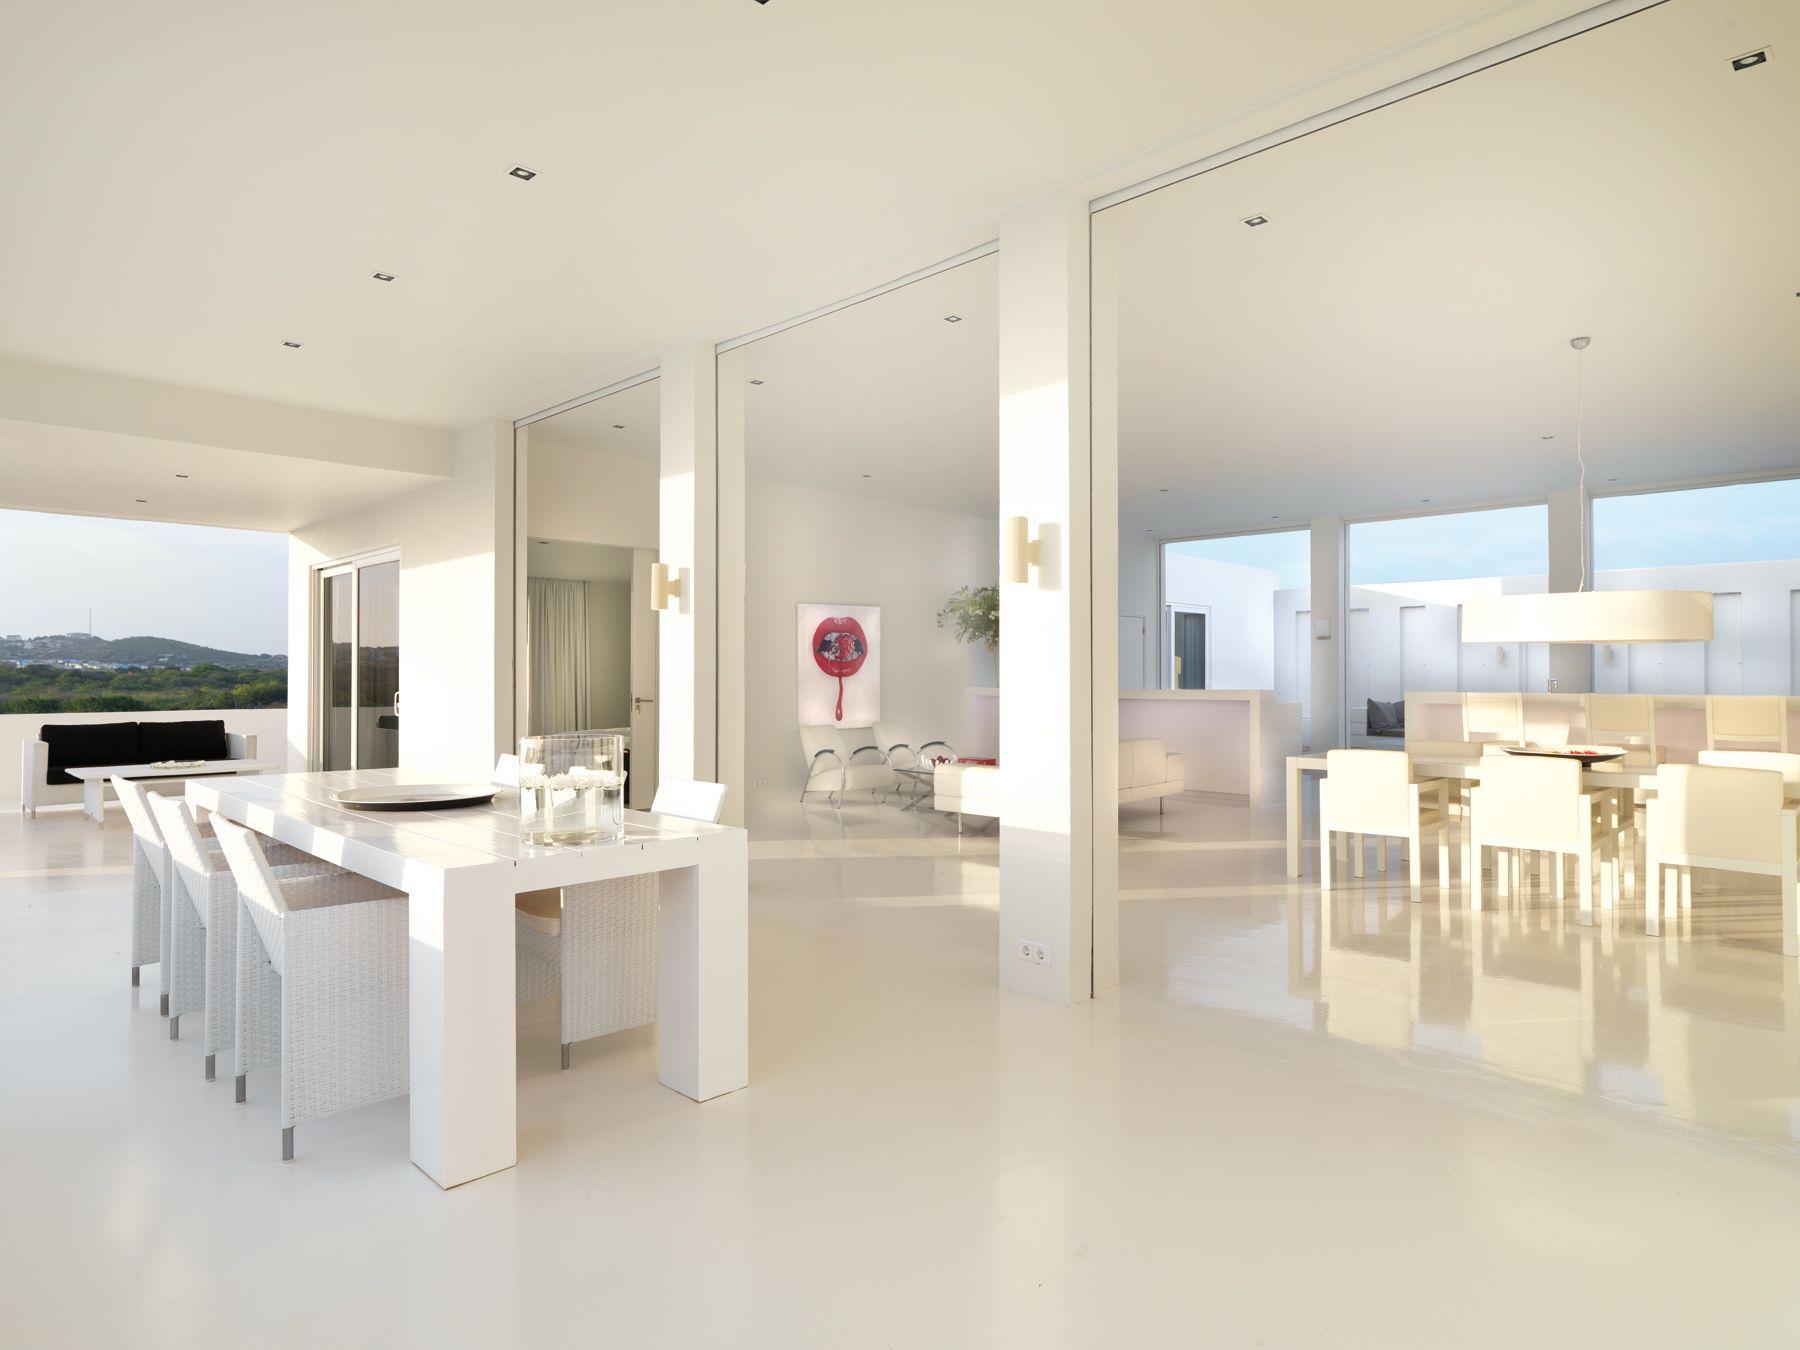 Grote Witte Eettafel.Villa In Curacao Ontworpen Door Jan Des Bouvrie Prachtige